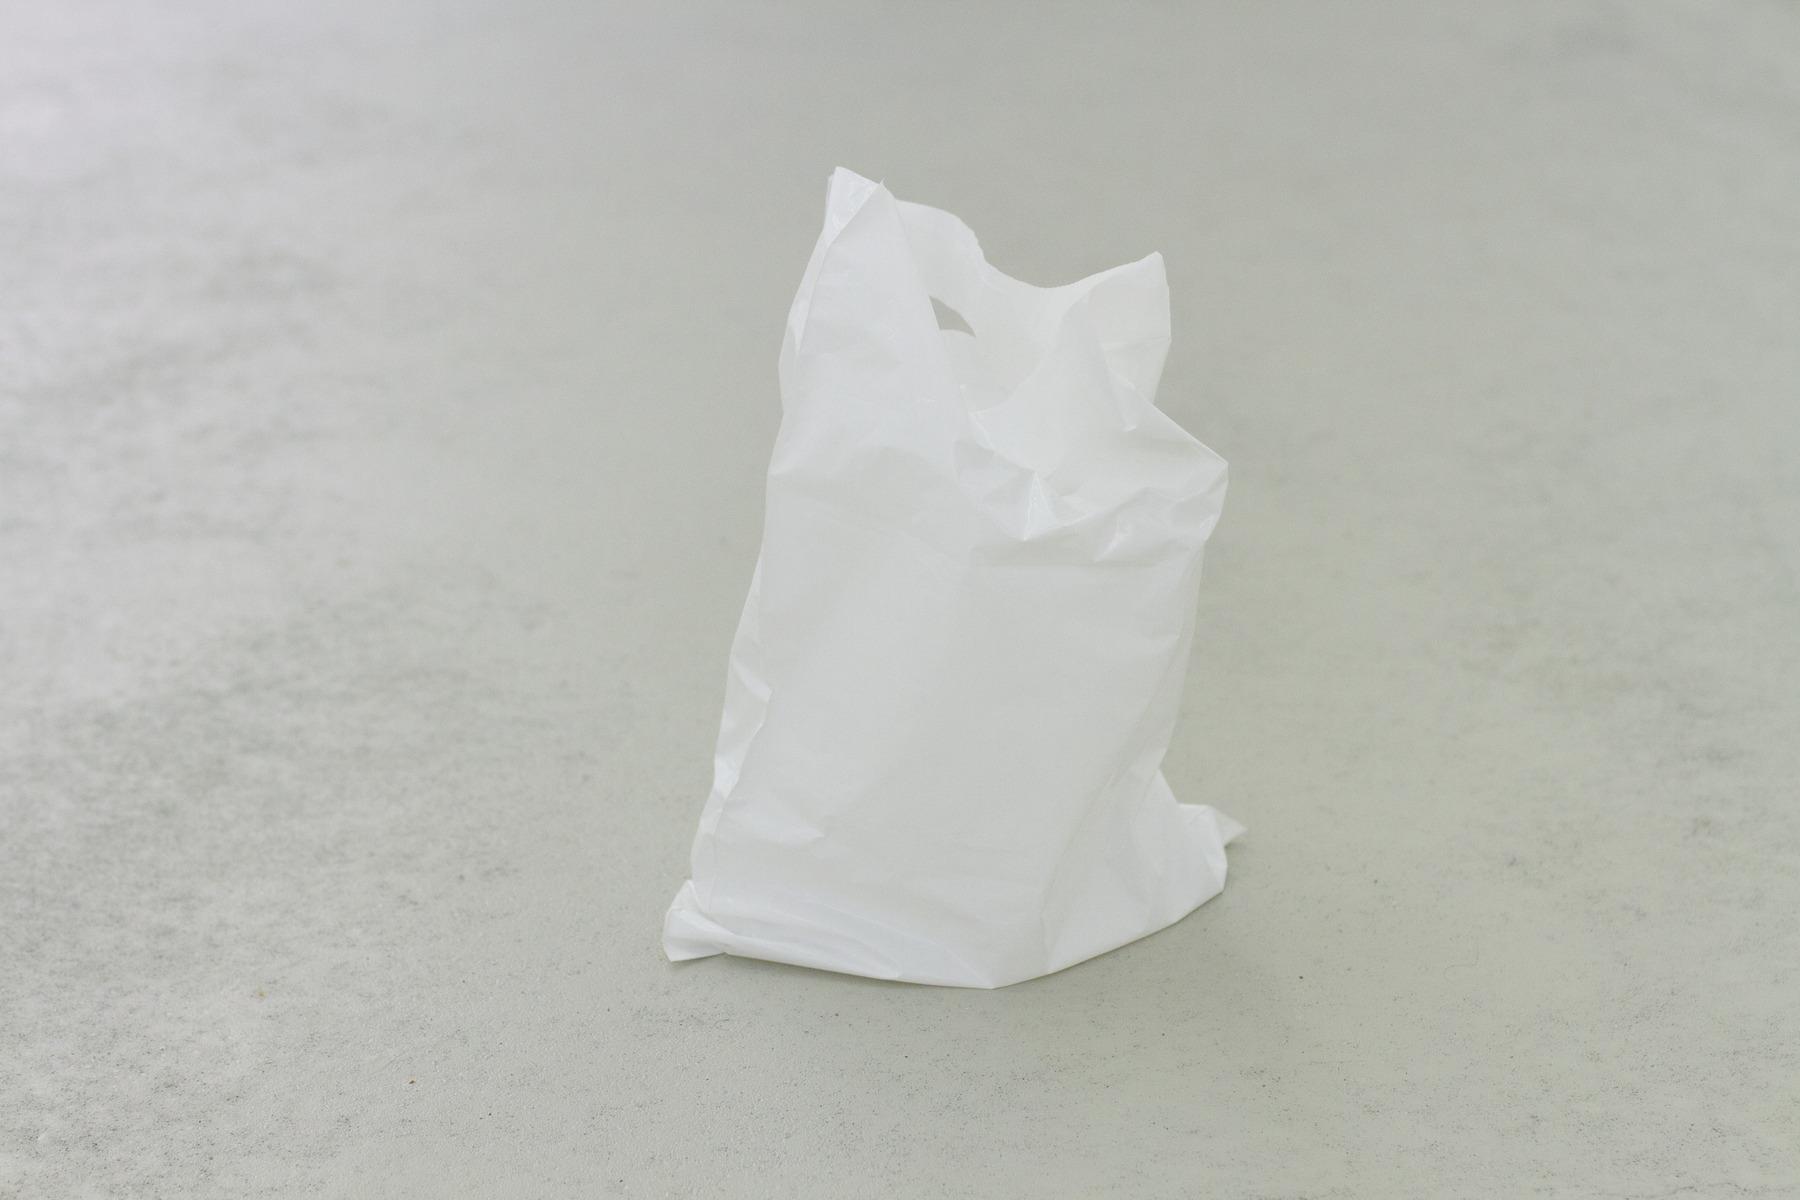 2-bag-side